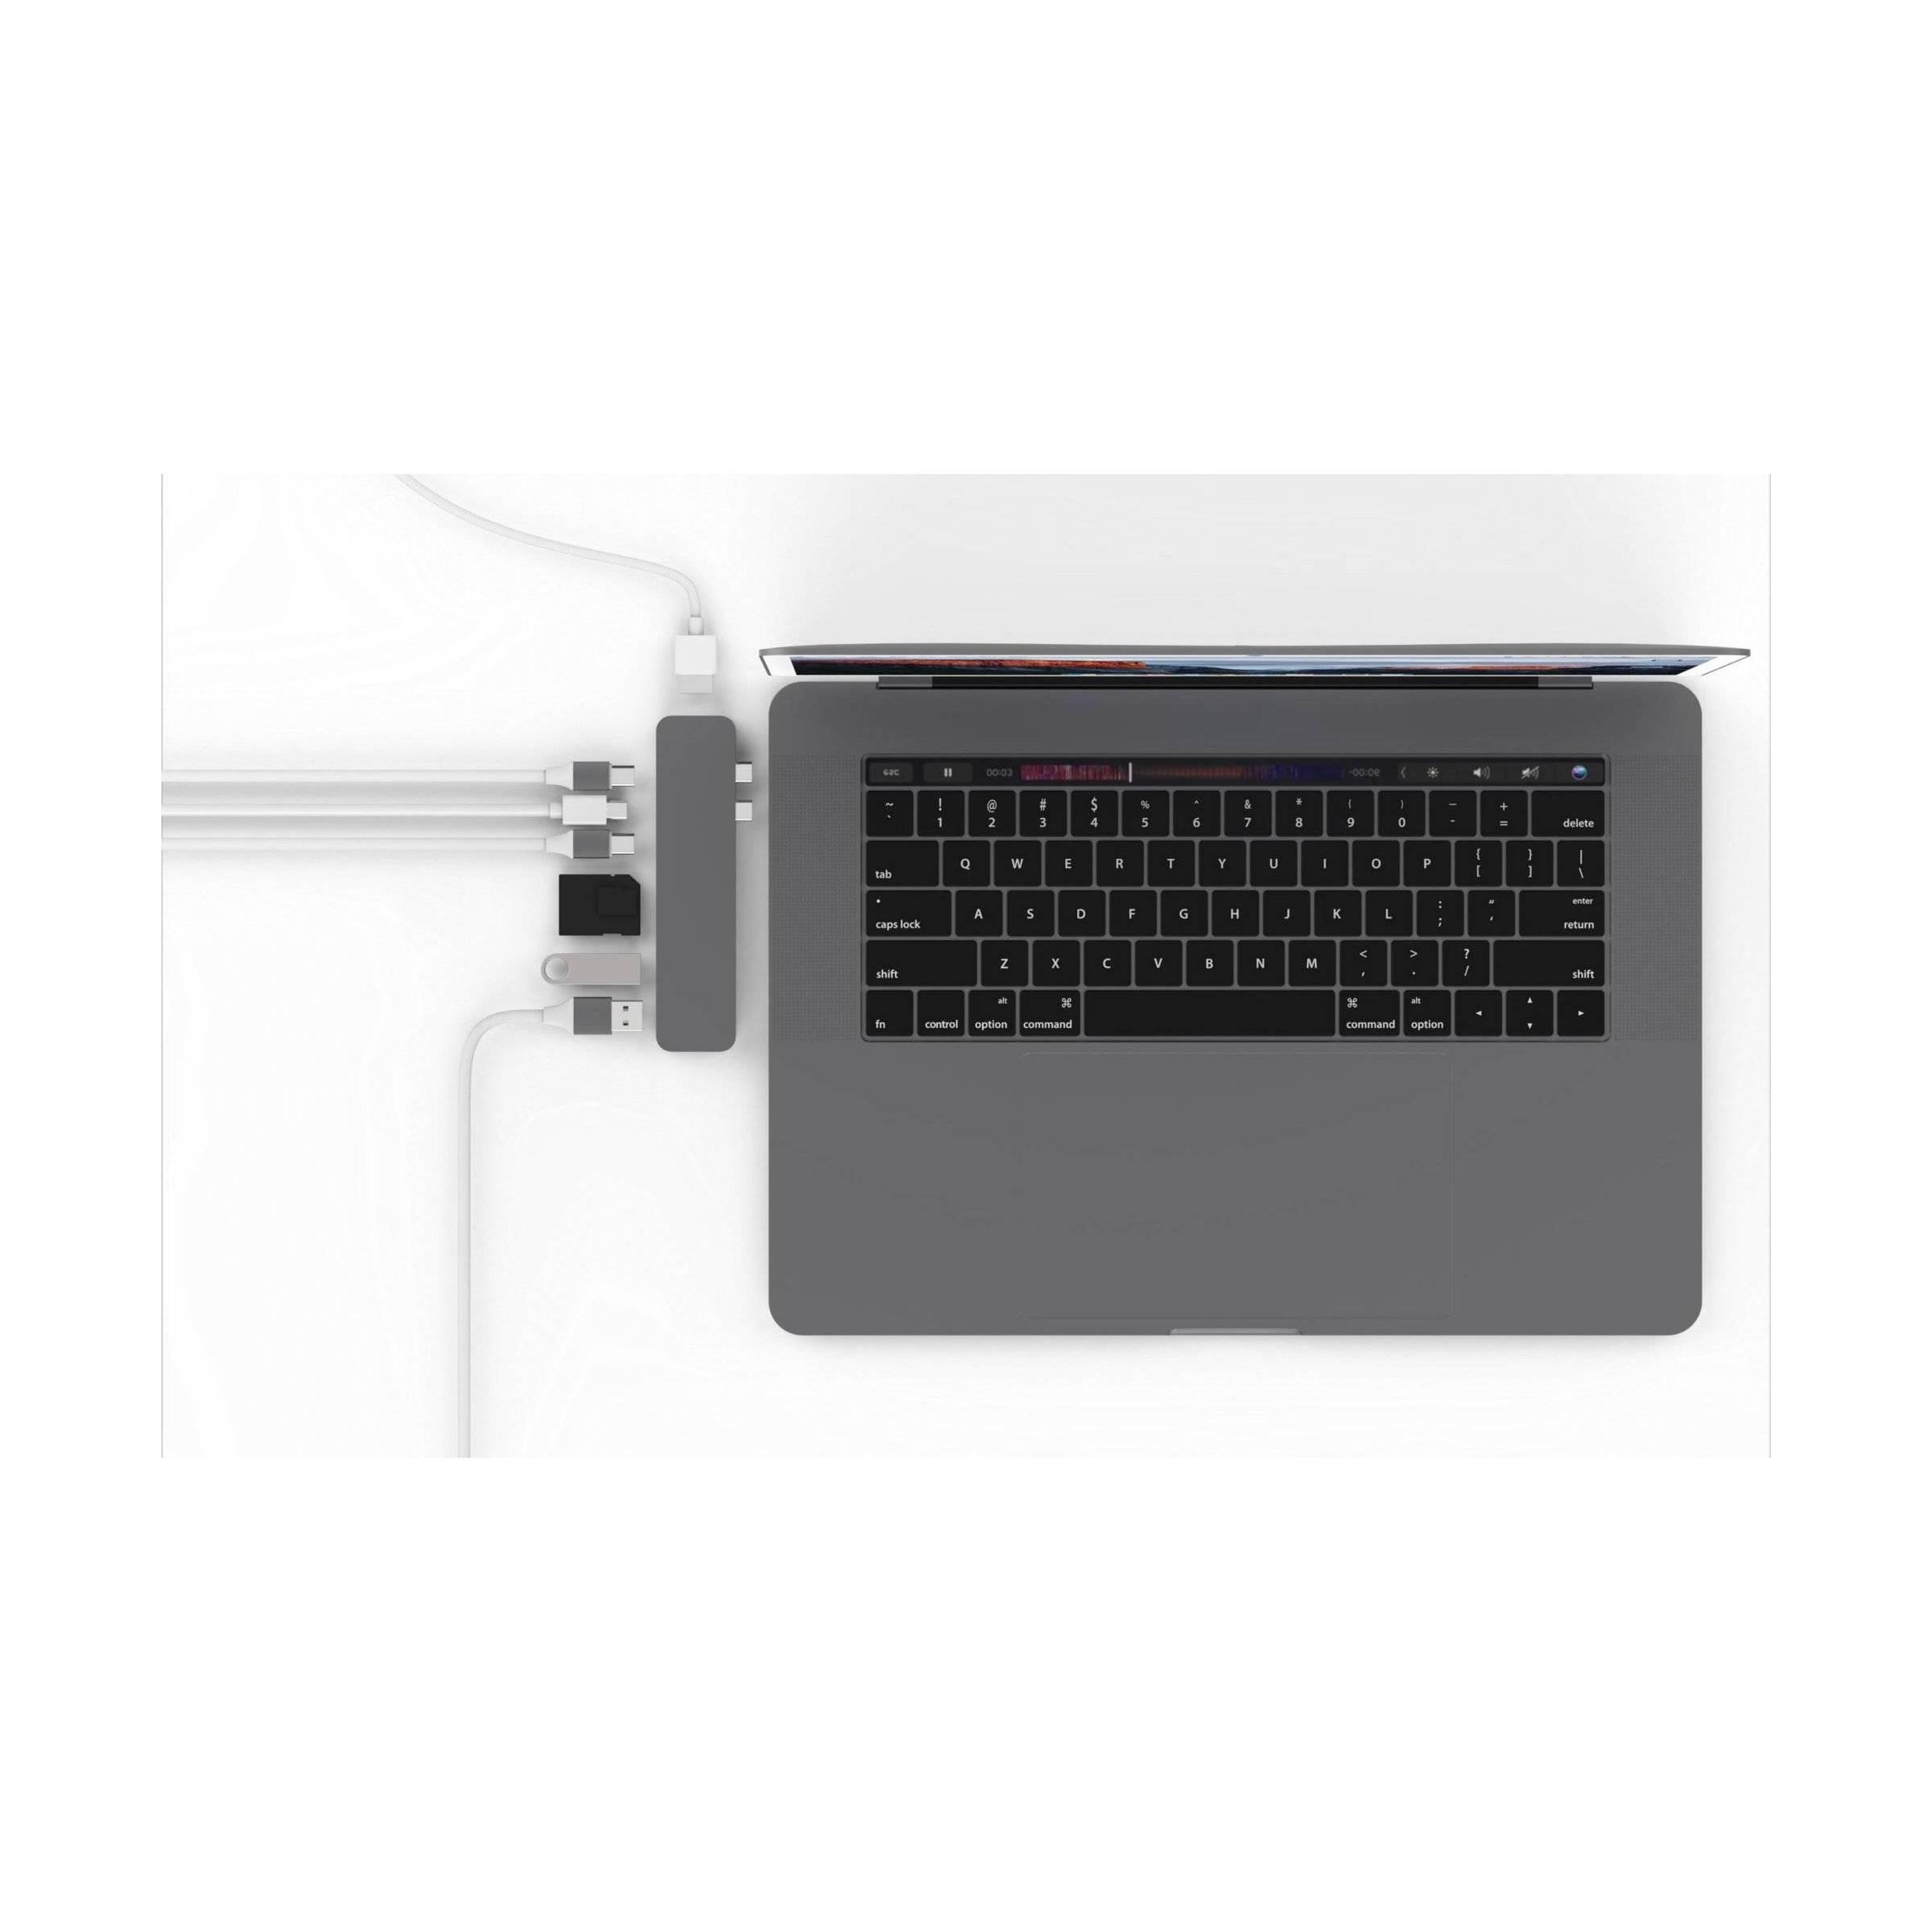 hyper by sanho corporation – Hyperdrive pro 8-i-2 hub for usb-c macbook pro 2016/2017/2018 farve space grey fra mackabler.dk